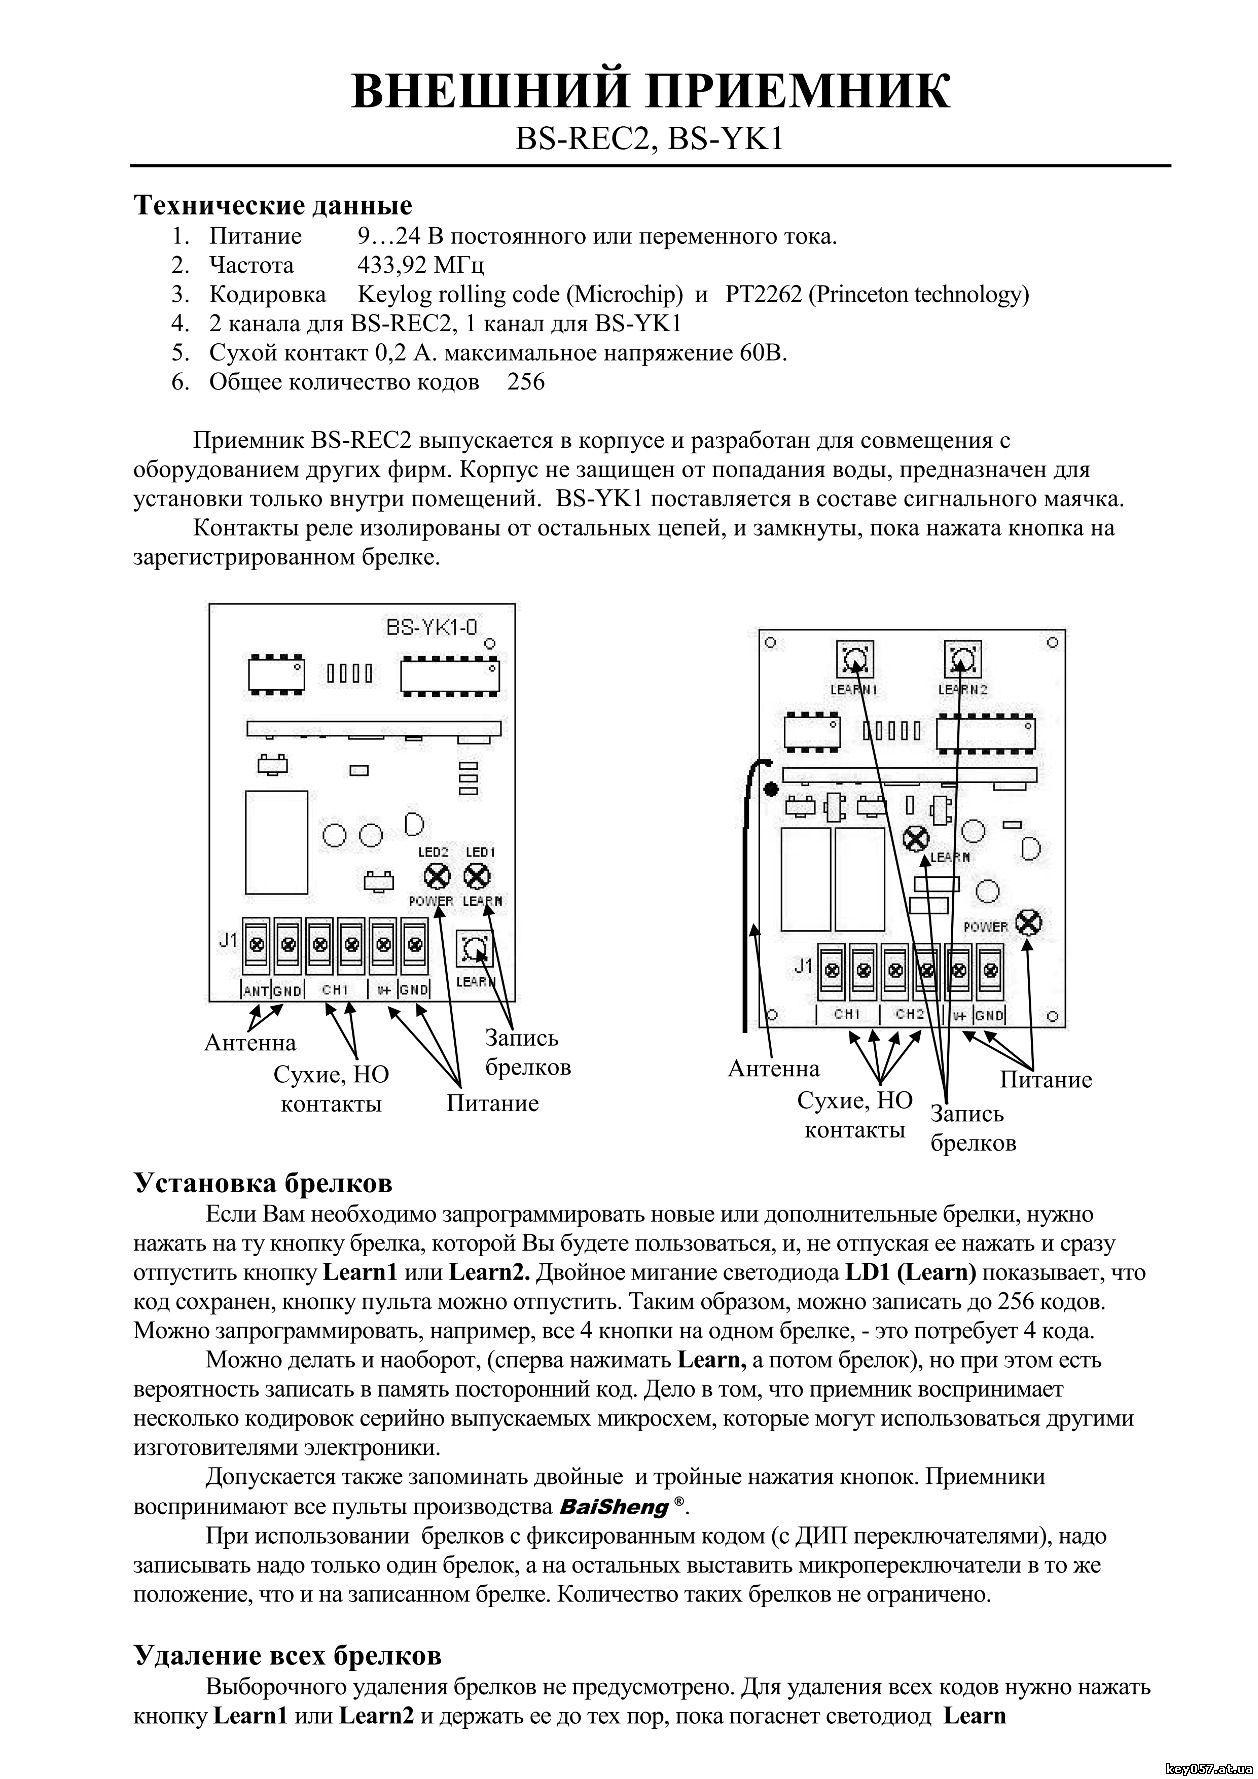 инструкция к домофону мк 20